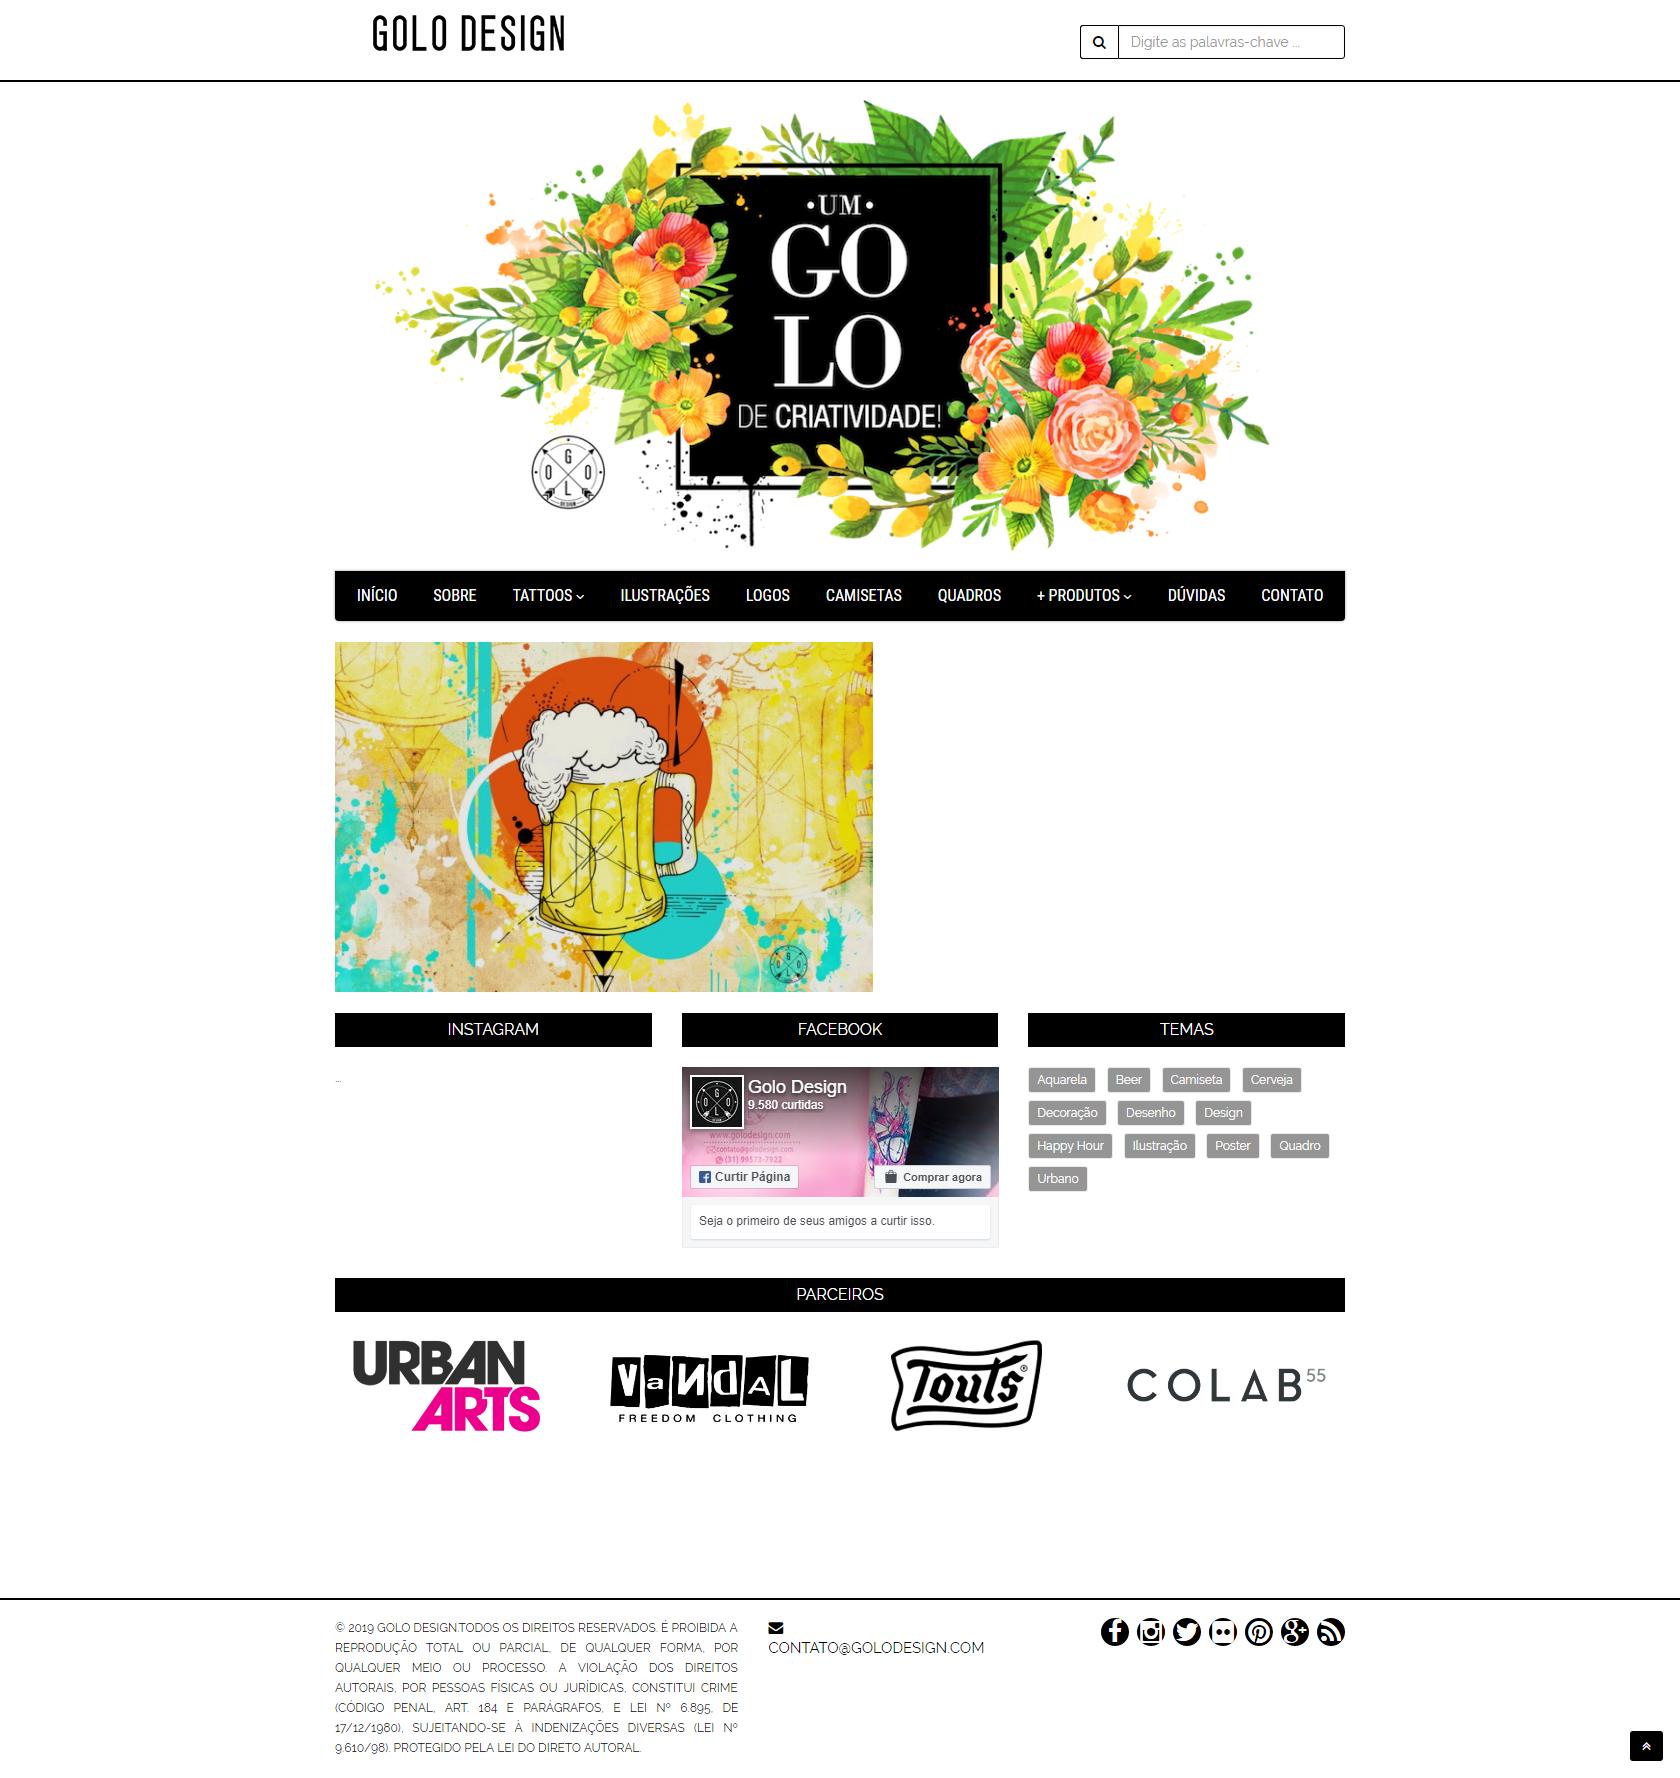 golodesign.com